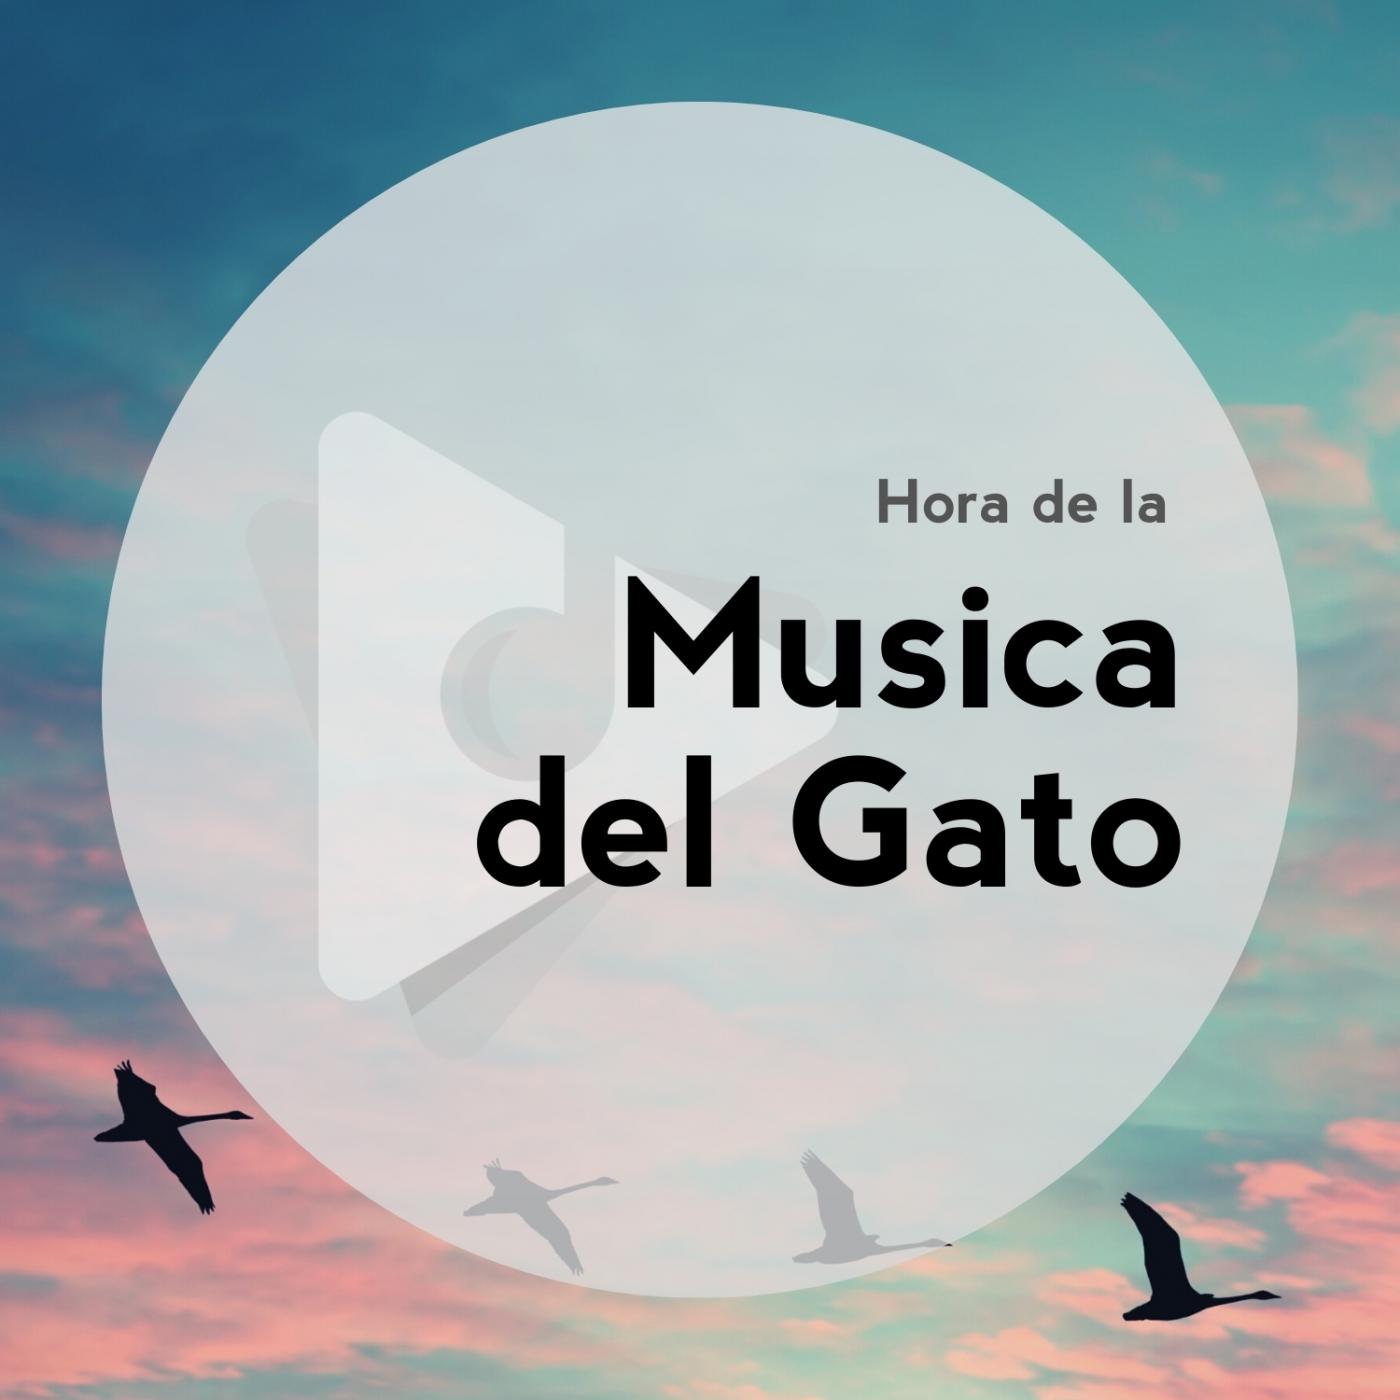 Hora de la Música del Gato